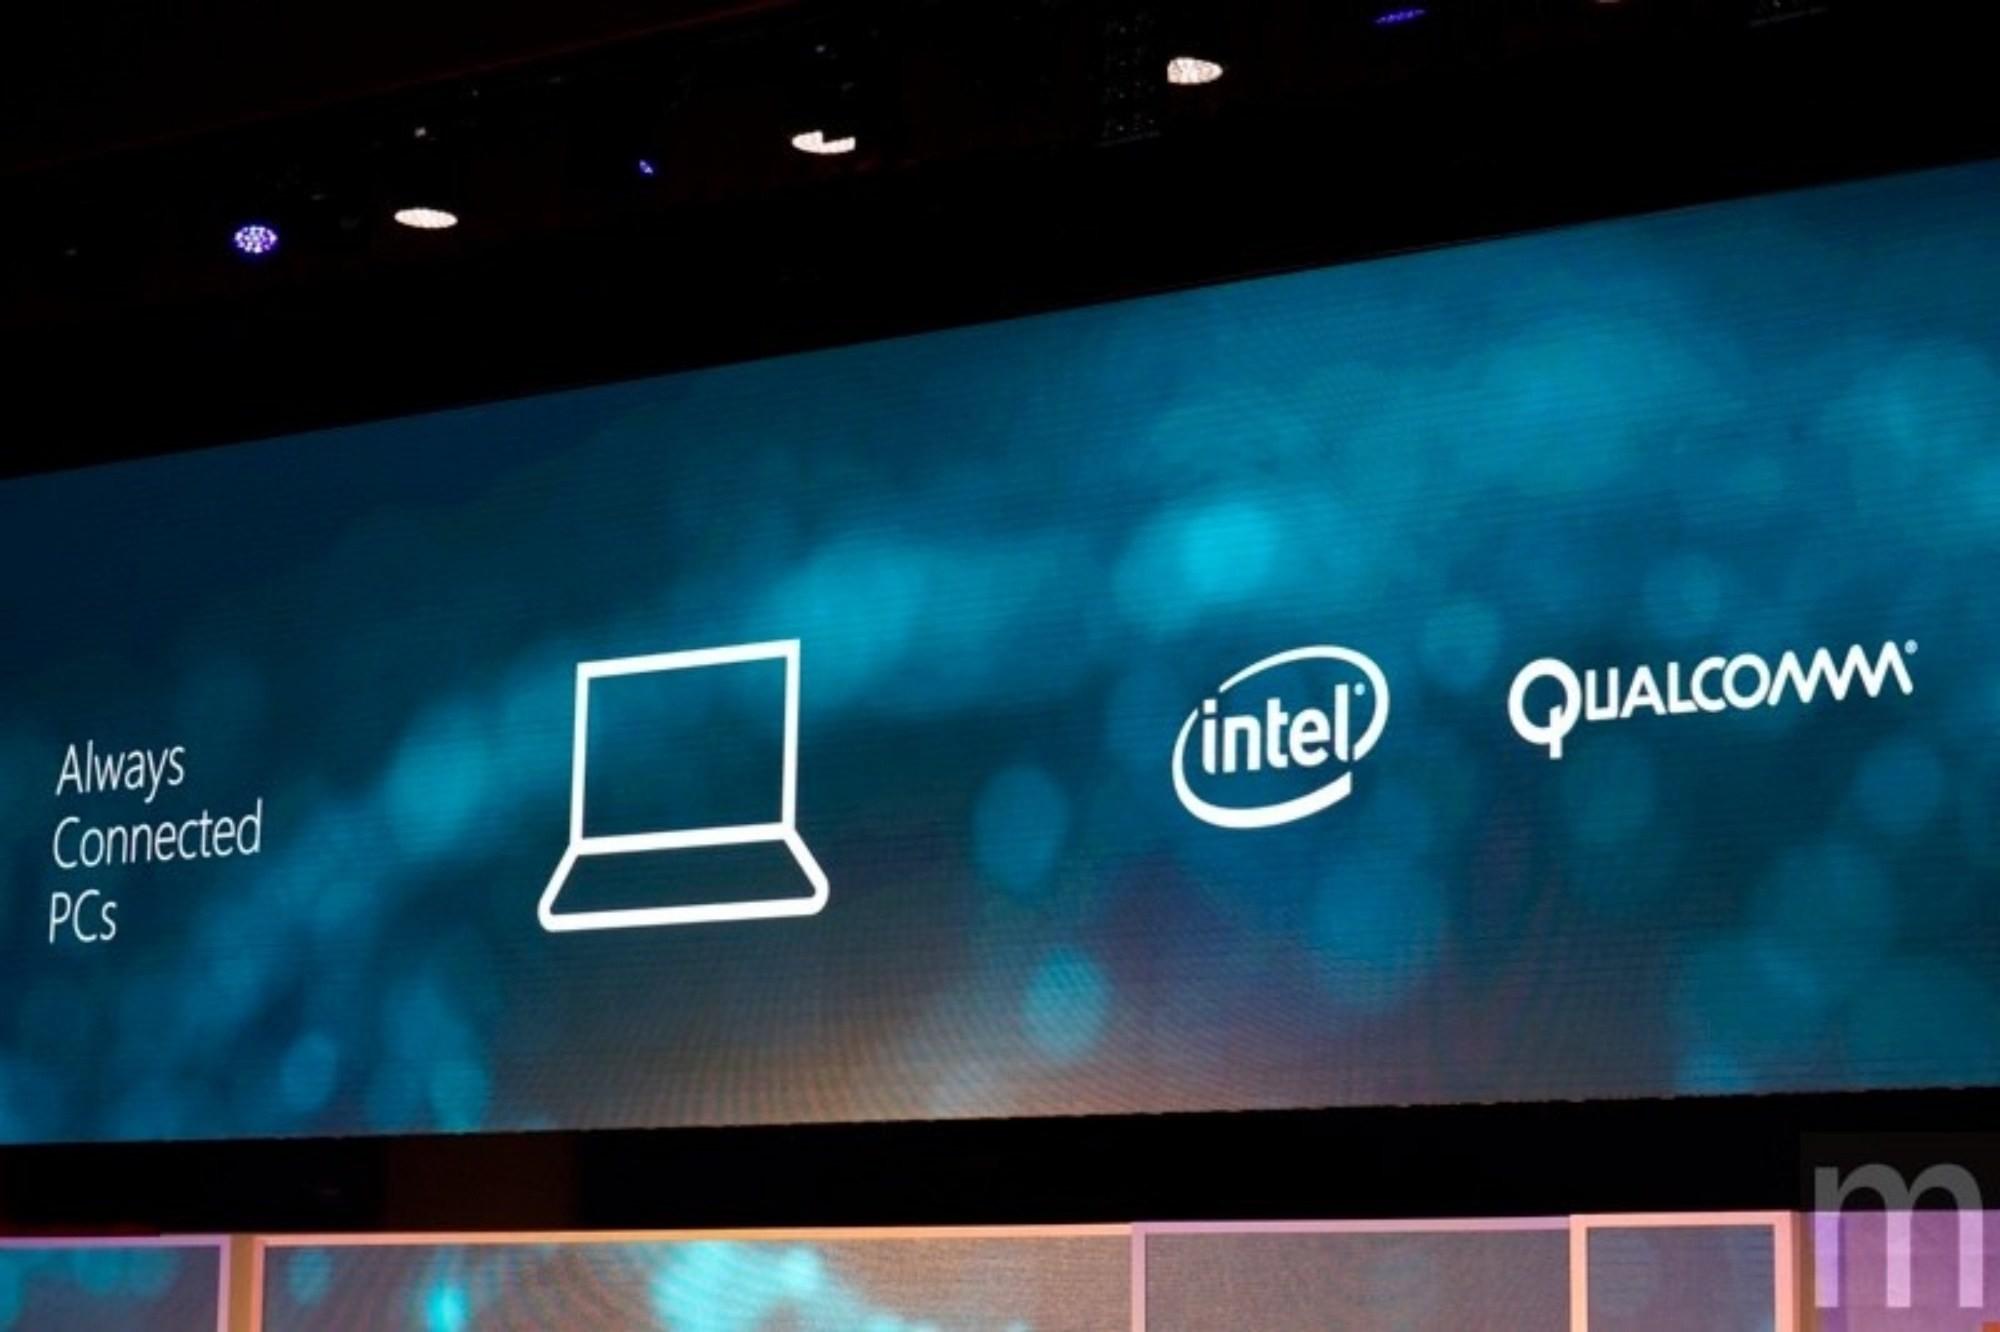 是觀點/Qualcomm、Intel各自推出的常時連網筆電產品,誰有優勢?這篇文章的首圖